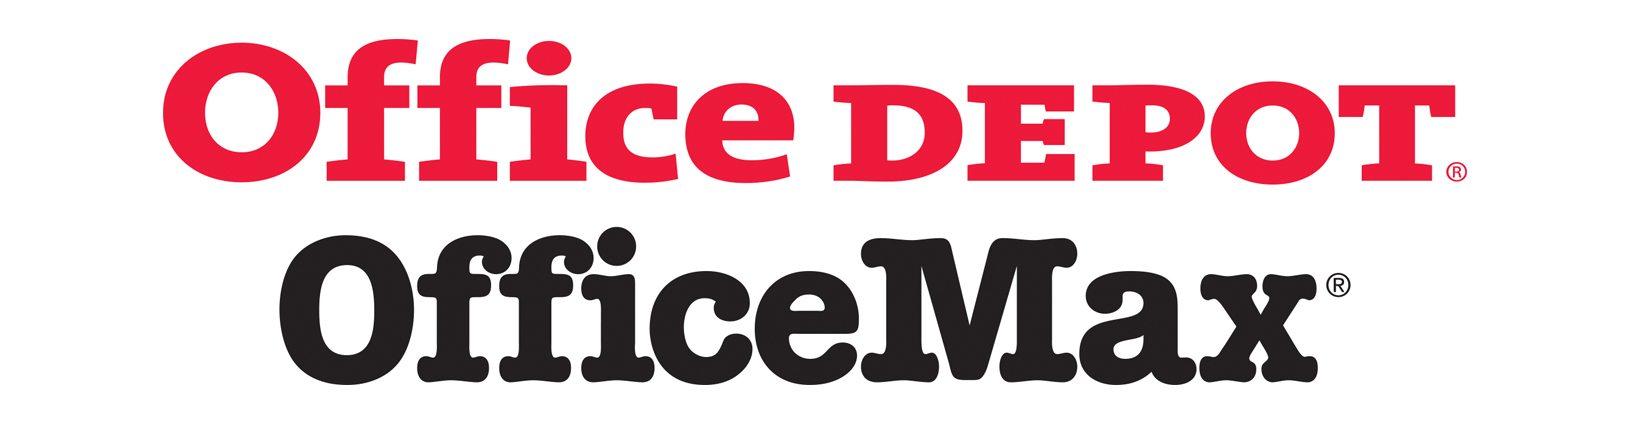 Office-Depot-logo-header